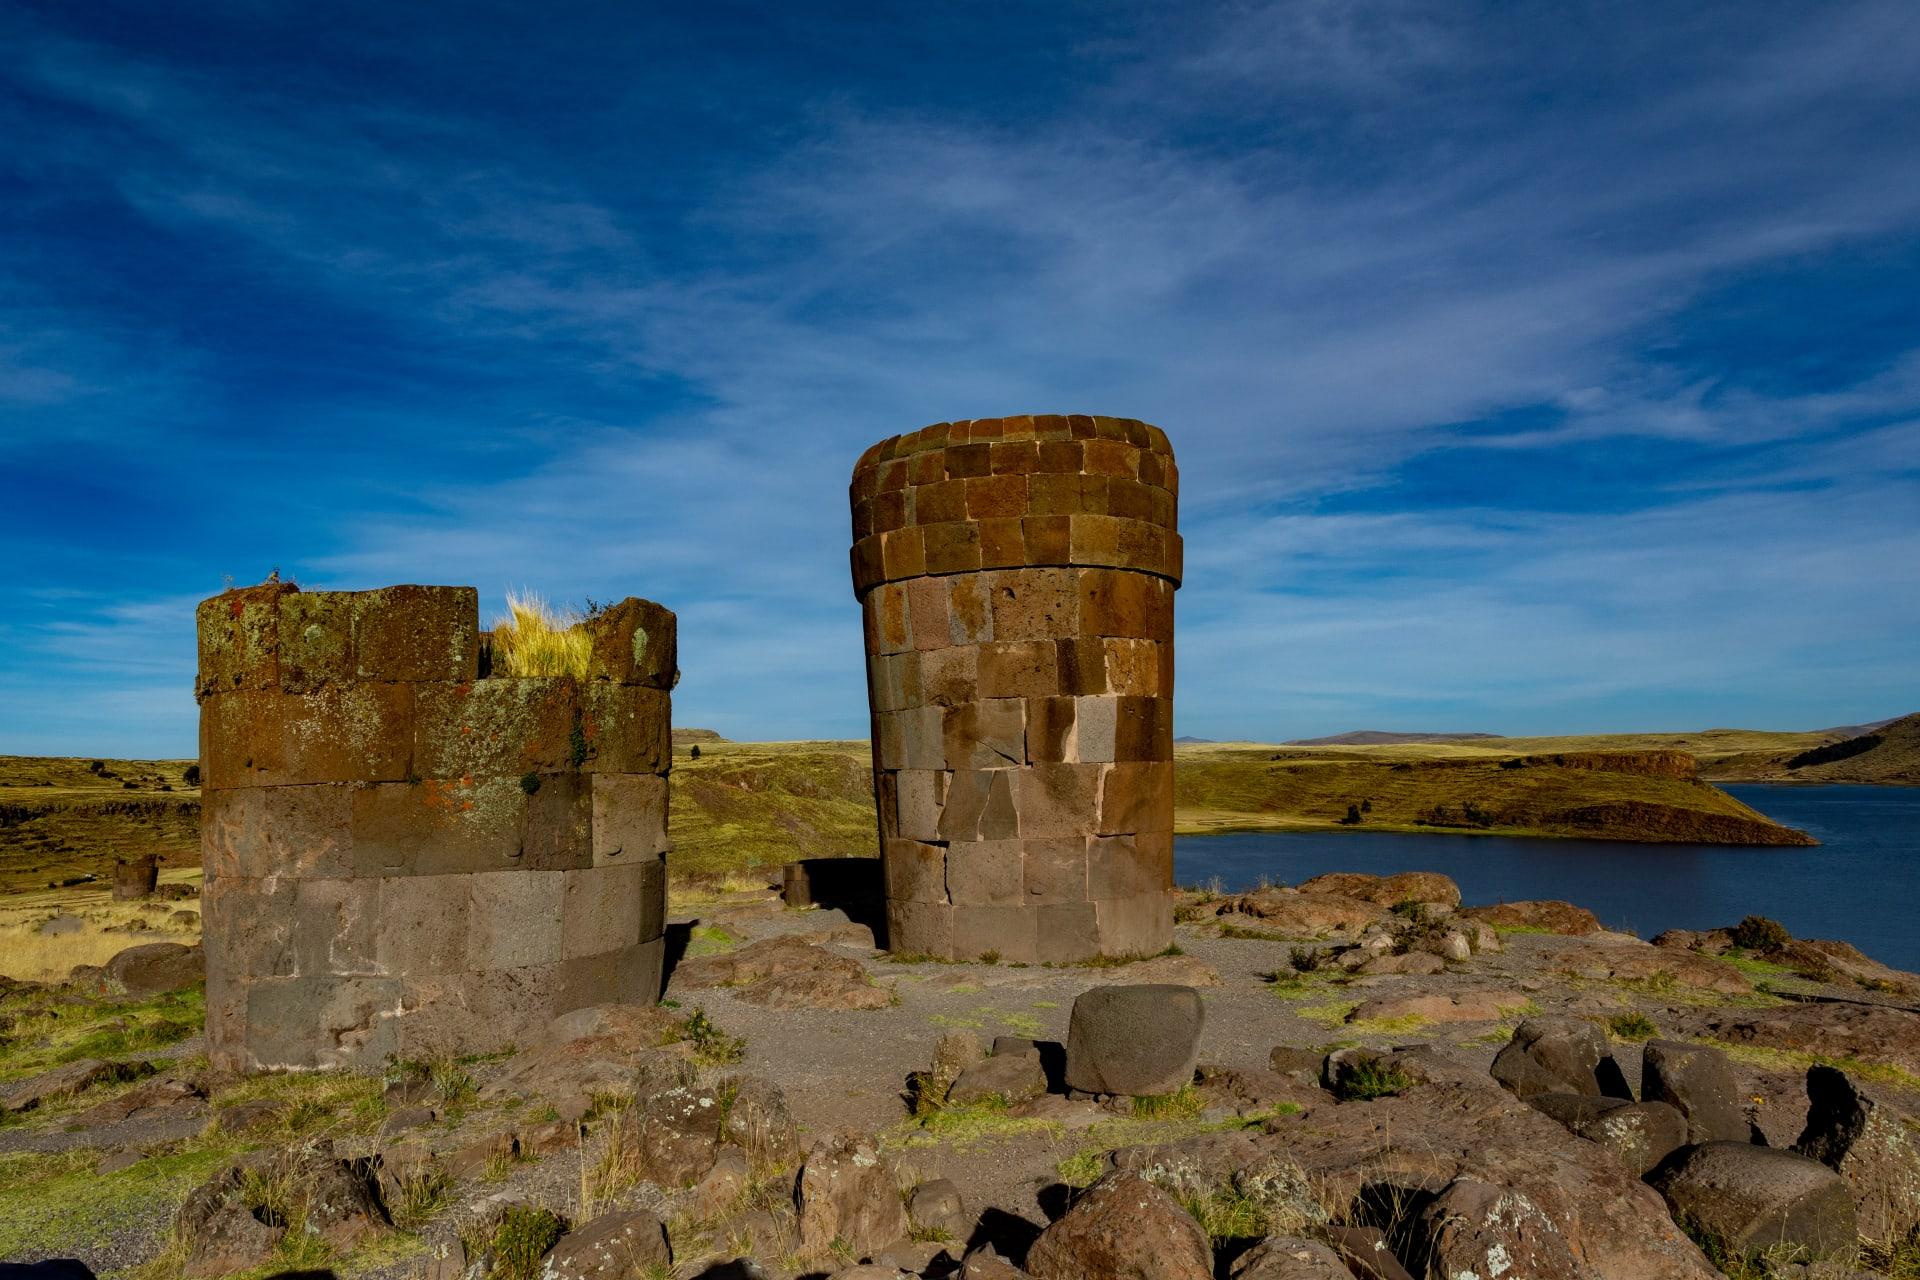 Puno - Incas and Pre-Incas Funeral Towers